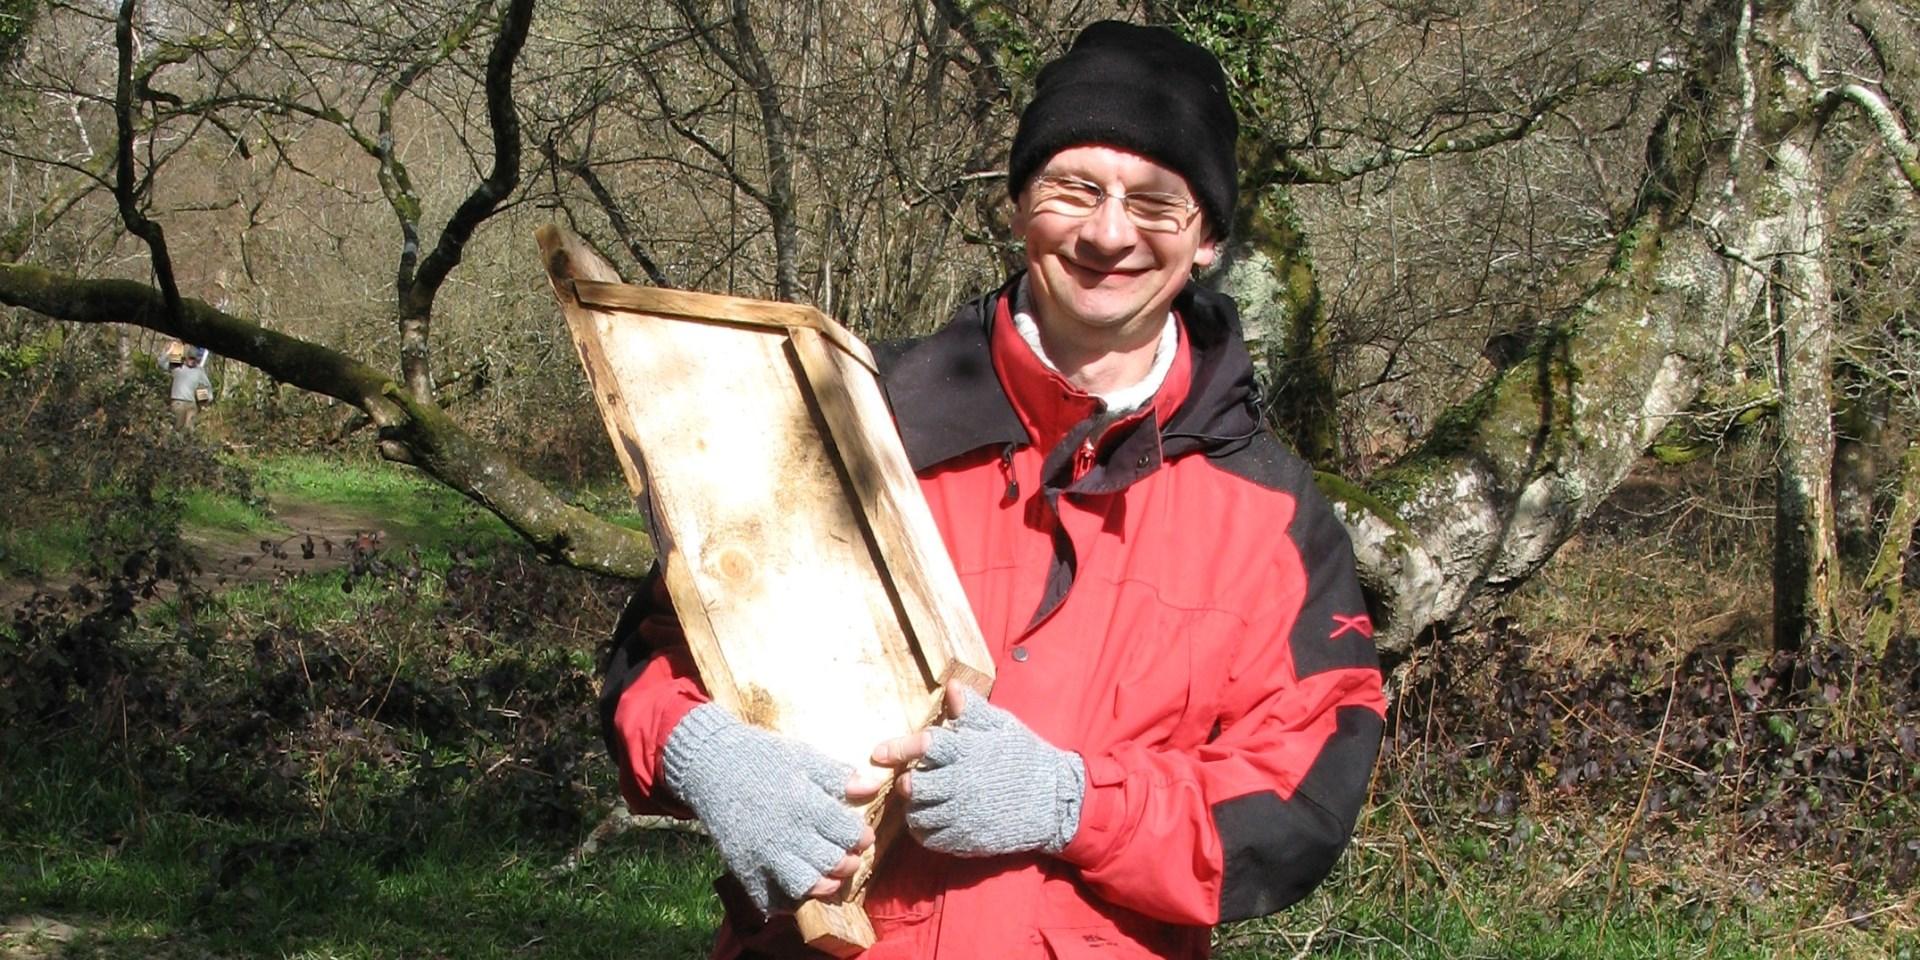 Volunteer helping put up bat box